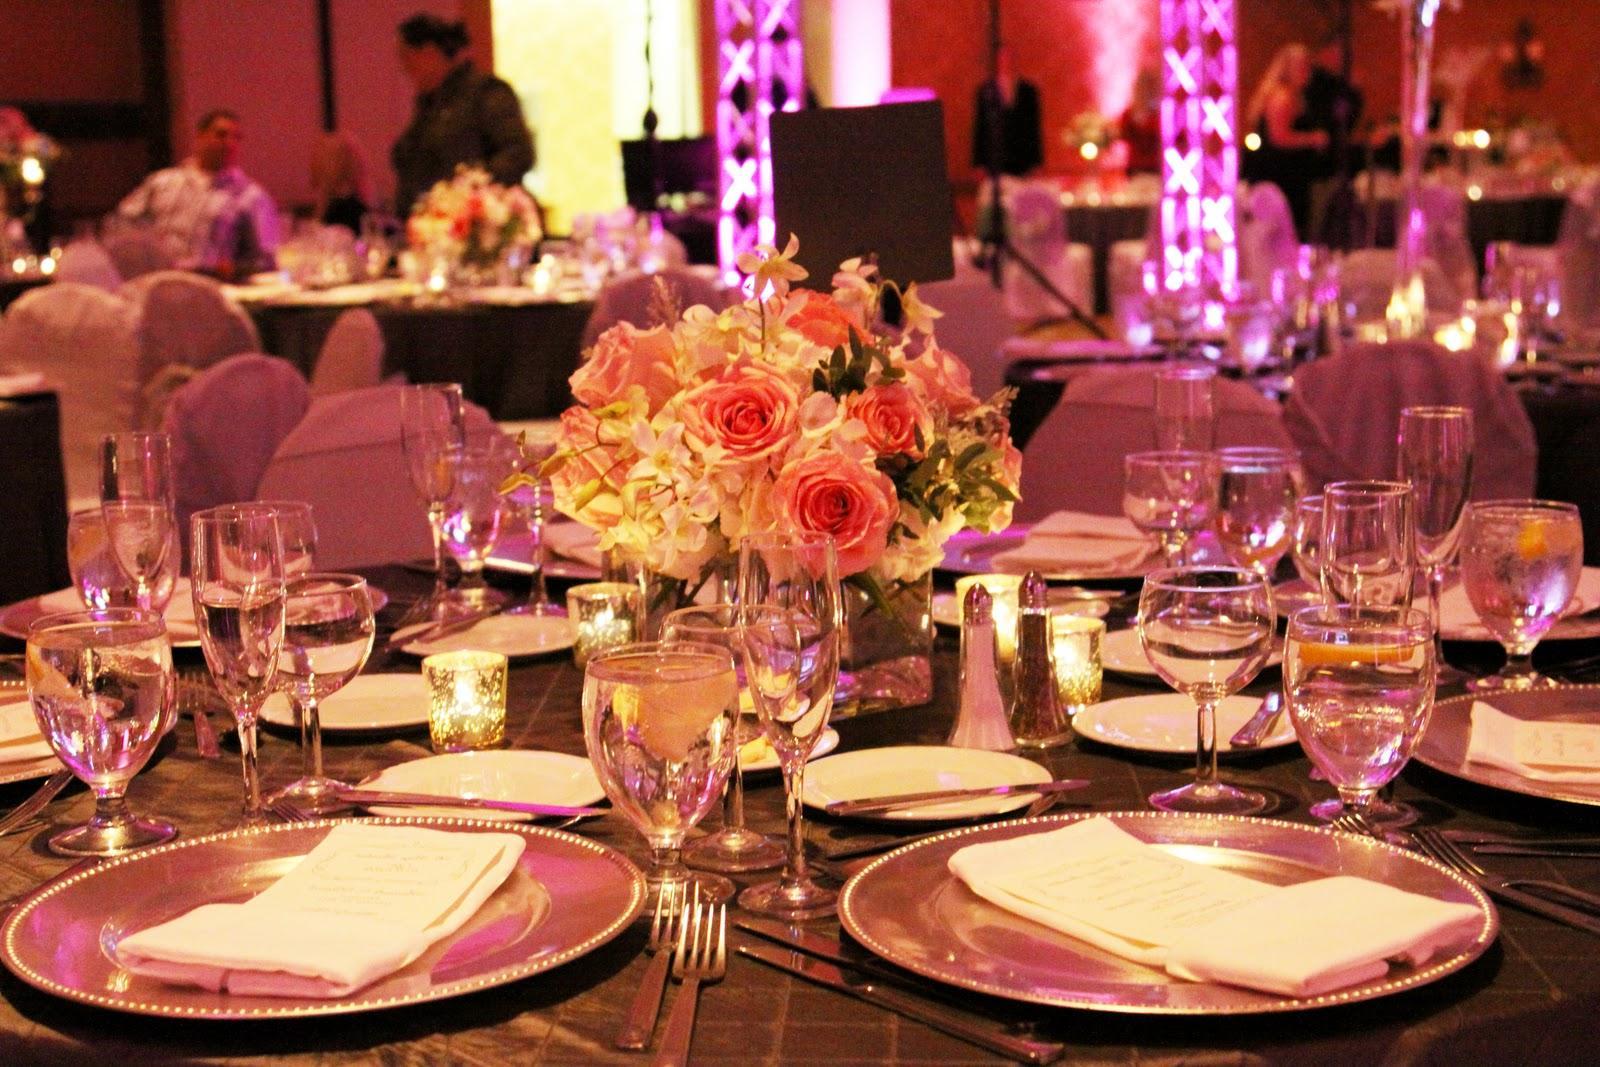 wedding buffet centerpieces